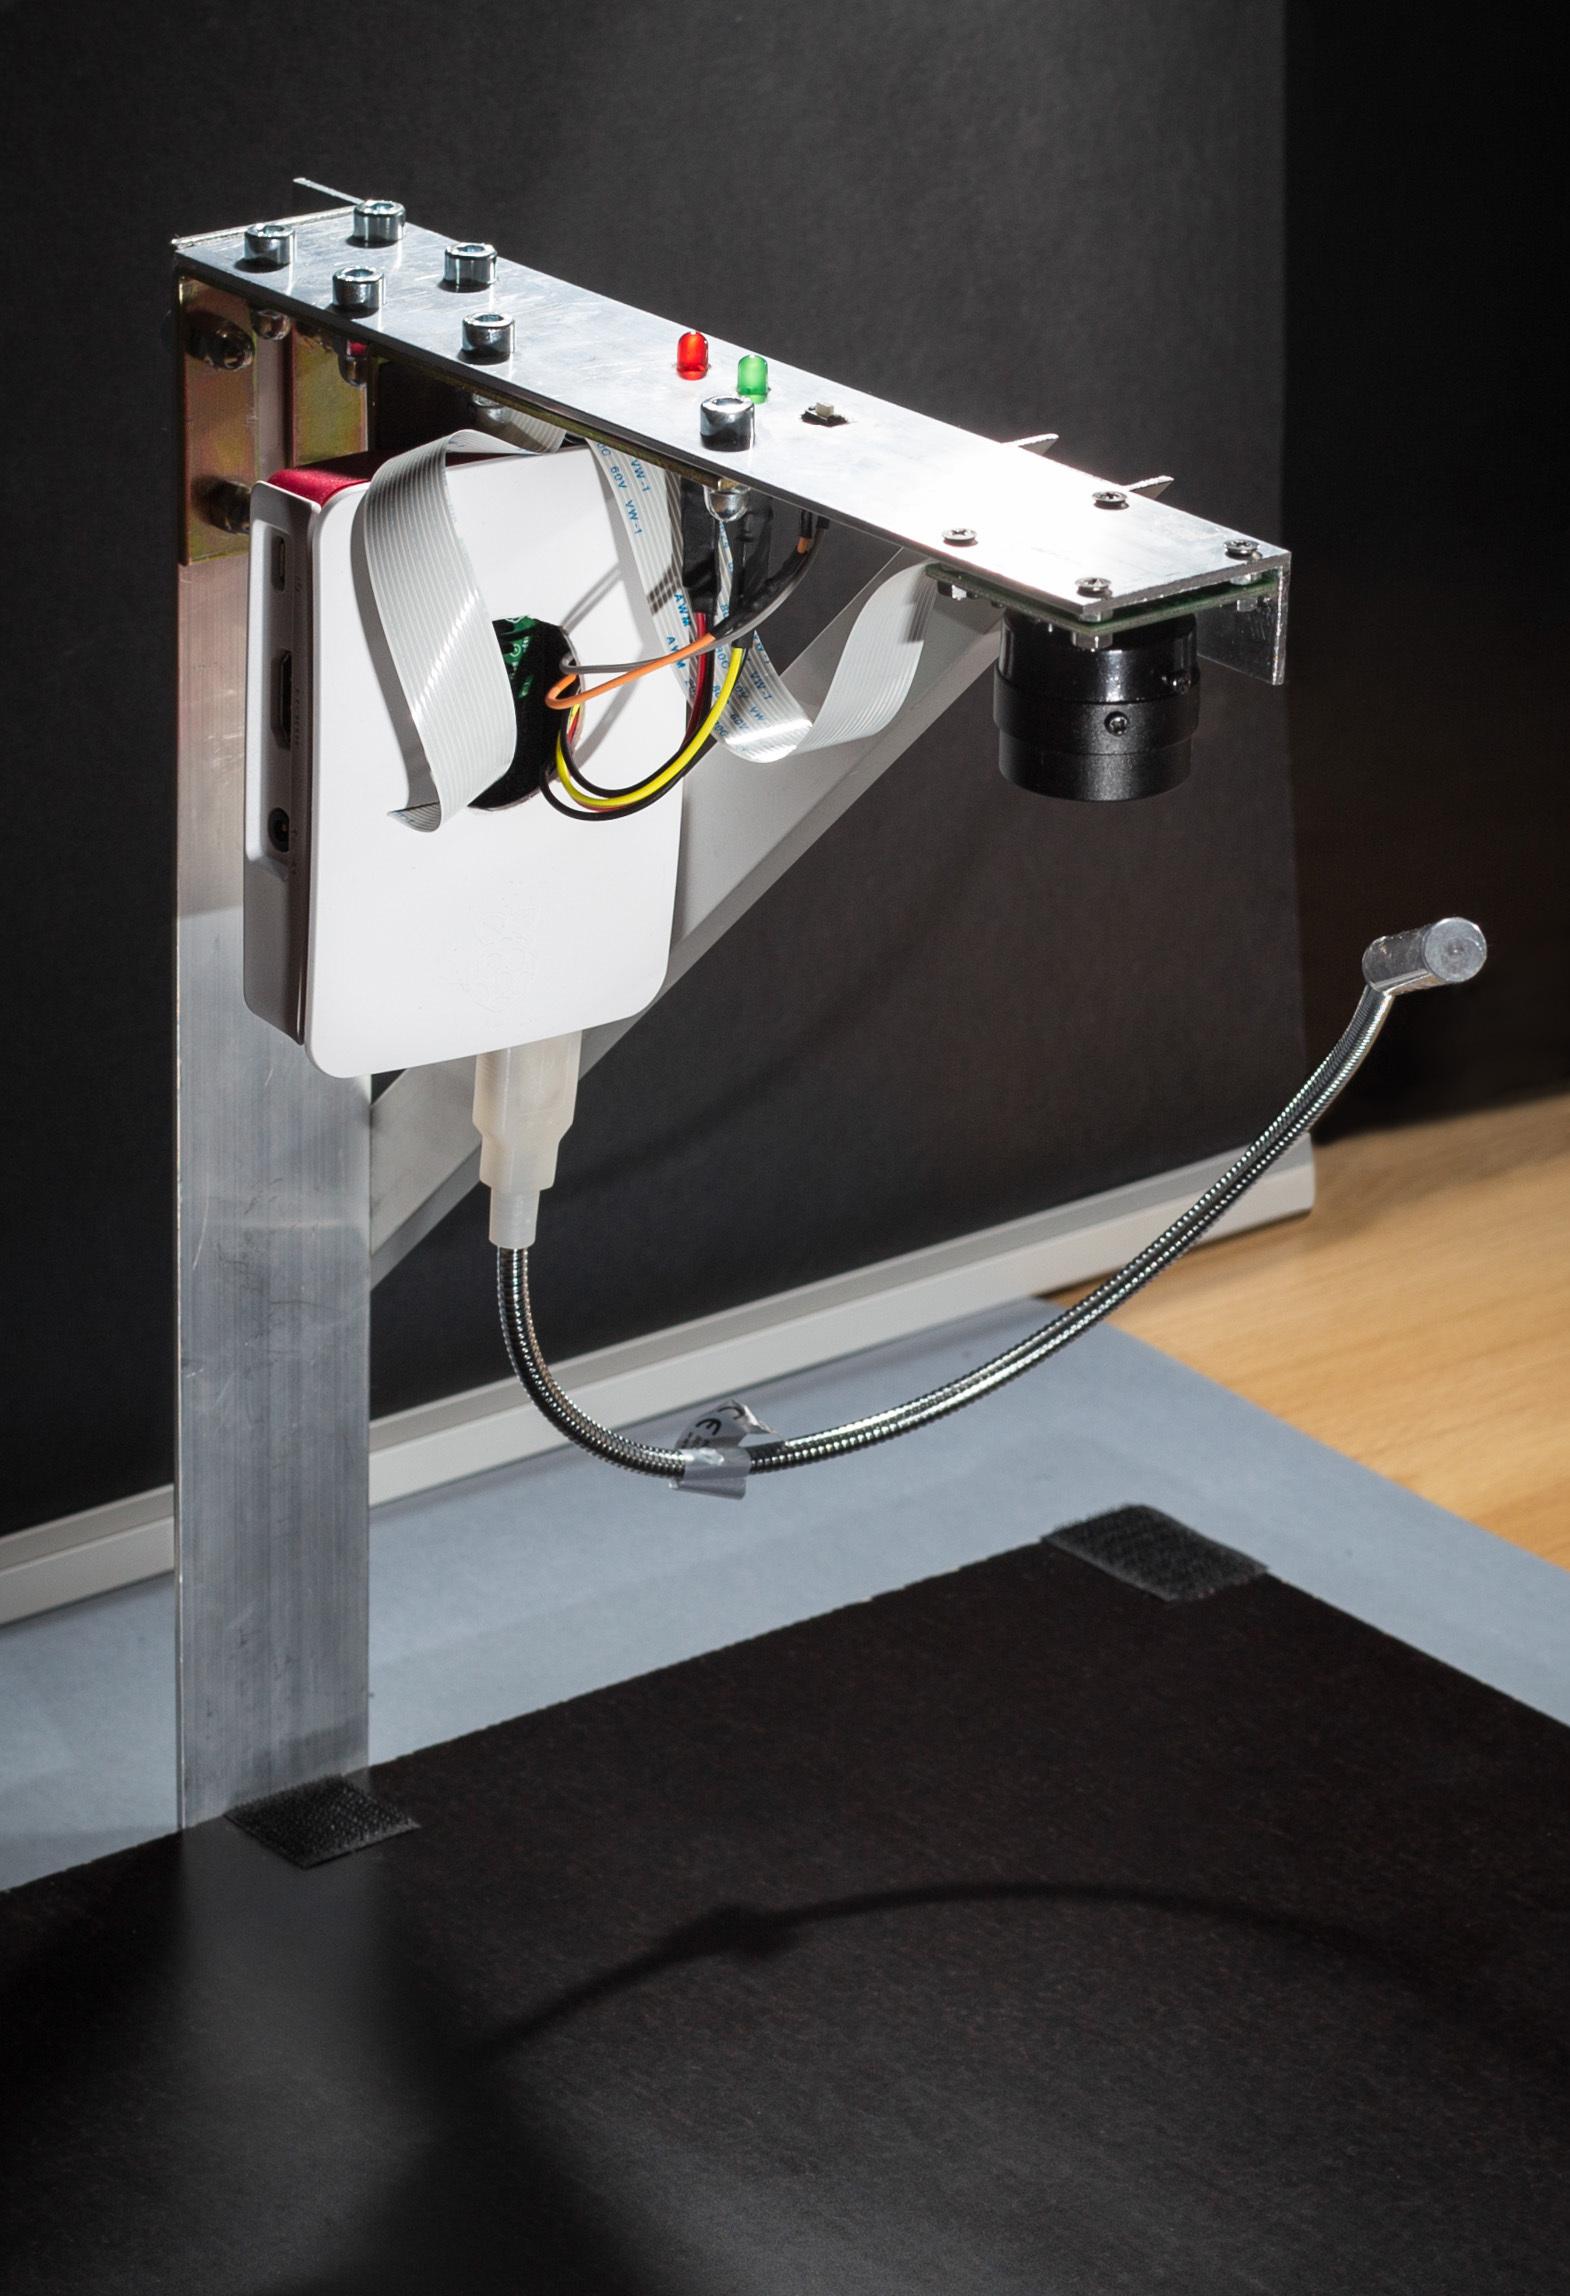 Basis des neuen kostengünstigen Visionssystems ist ein Raspberry Pi 3 Modell B Einplatinencomputer mit zugehörigem Kameramodul, an dem eine LED-Lampe mit USB-Anschluss zur Beleuchtung des Prüfobjekts angeschlossen ist. (Bild: THD-Technische Hochschule Deggendorf)